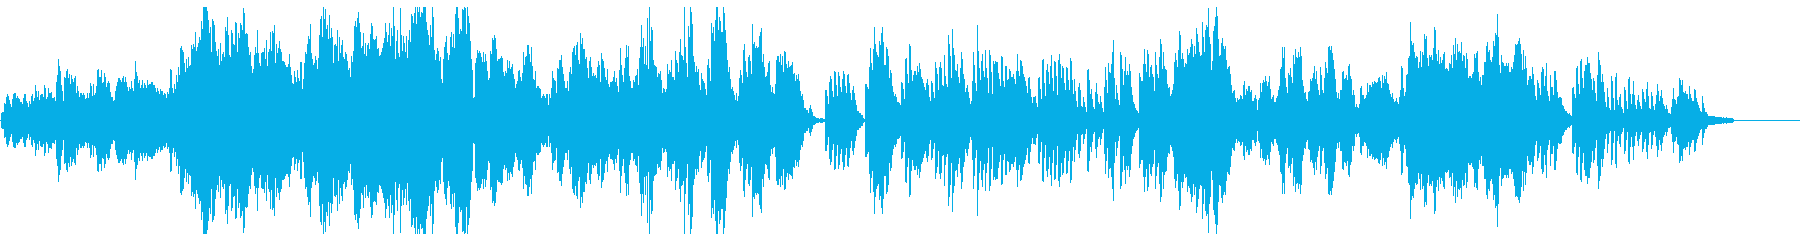 ドビュッシー「夢(夢想)」の再生済みの波形